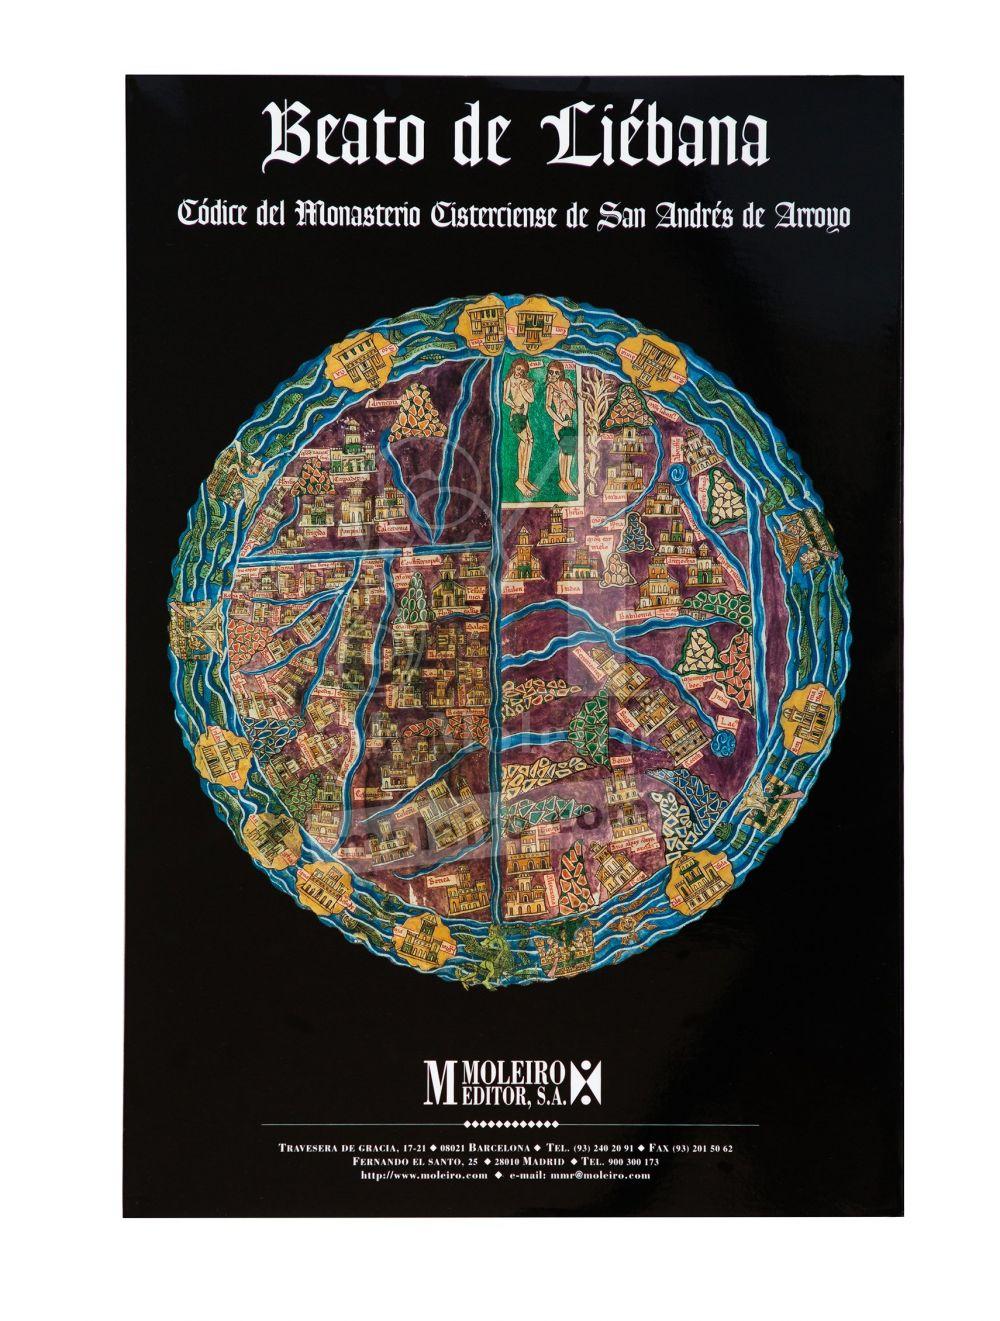 Carpeta de 12 pósters del Beato de Liébana, códice de San Andrés de Arroyo Portada de la carpeta con 12 posters del Beato de Liébana, códice de San Andrés de Arroyo